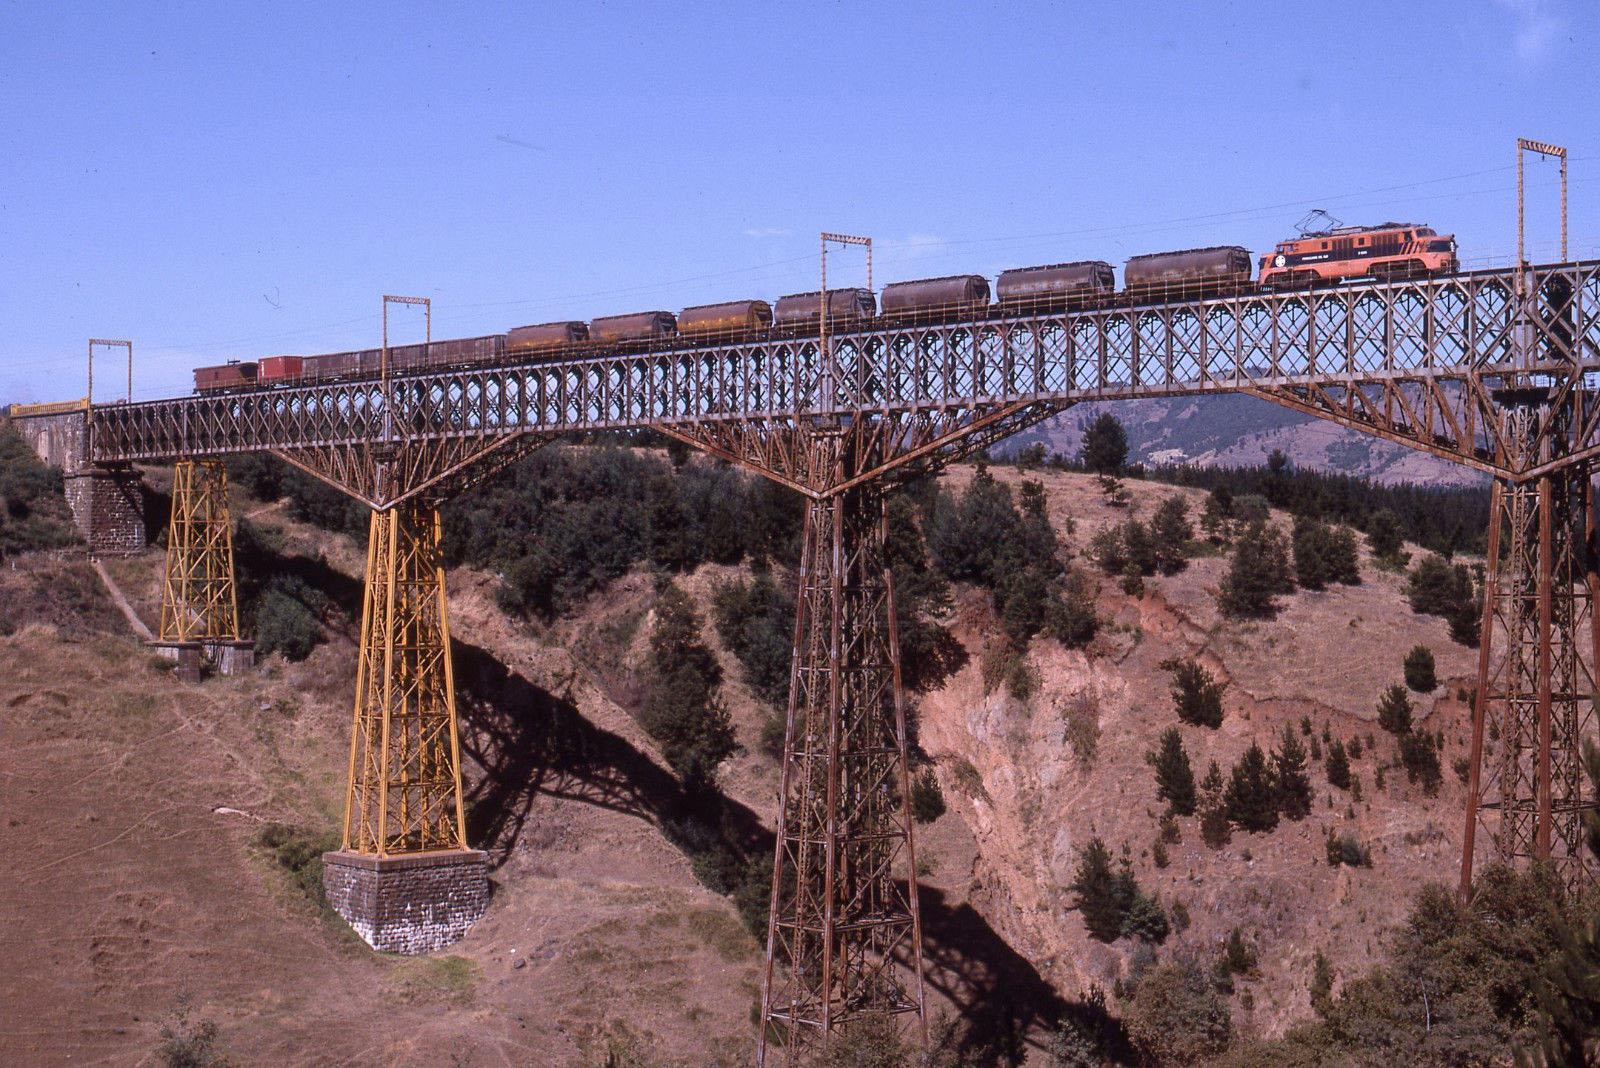 Enterreno - Fotos históricas de chile - fotos antiguas de Chile - Viaducto del Malleco en 1994